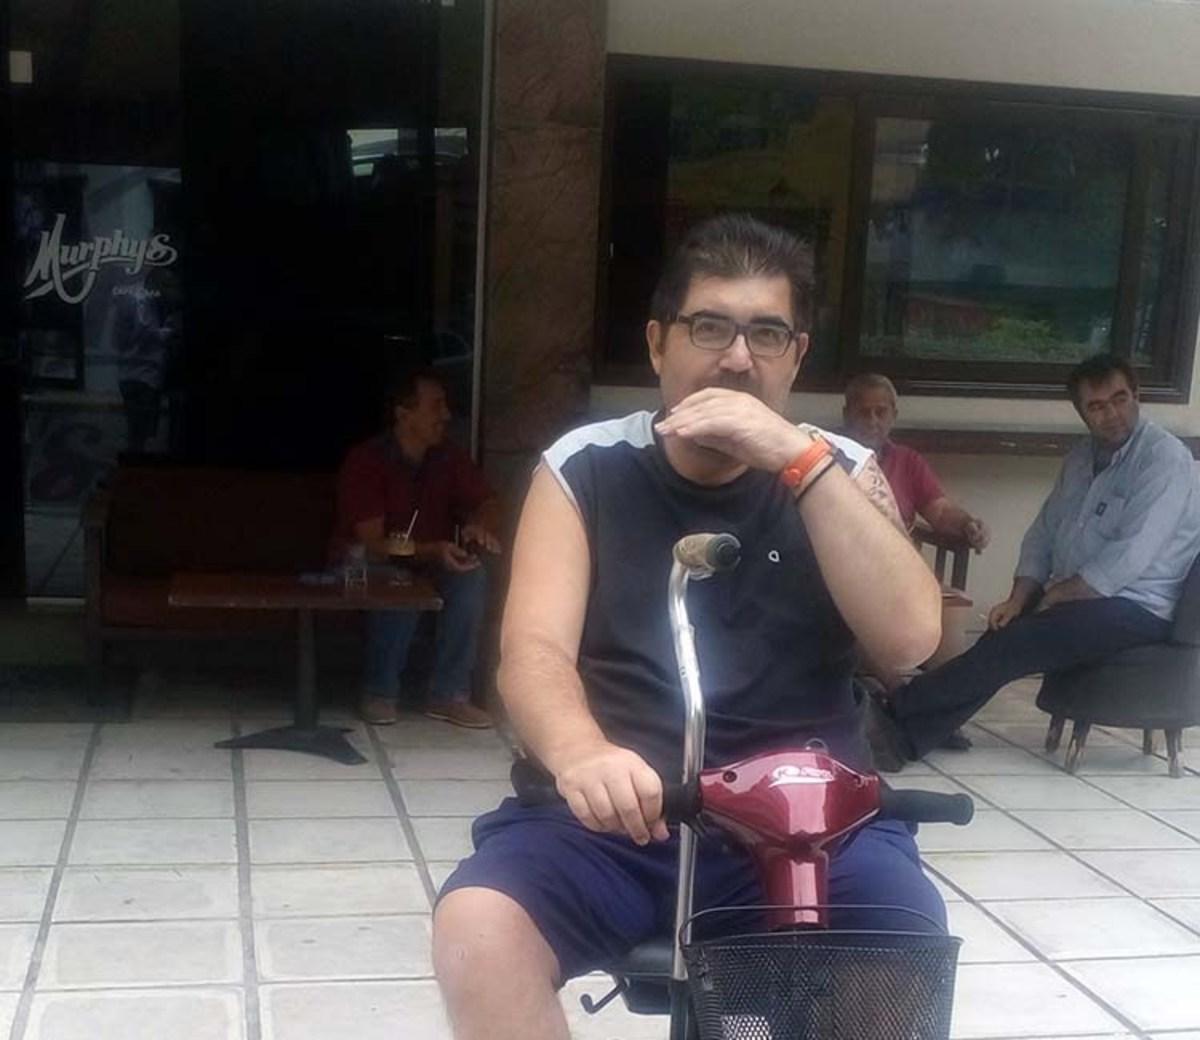 Πρώην μέλος των ΑΜΑΝ καταγγέλλει παράνομη κατάσχεση: Πήραν τα χρήματα της κηδείας του πατέρα μου!